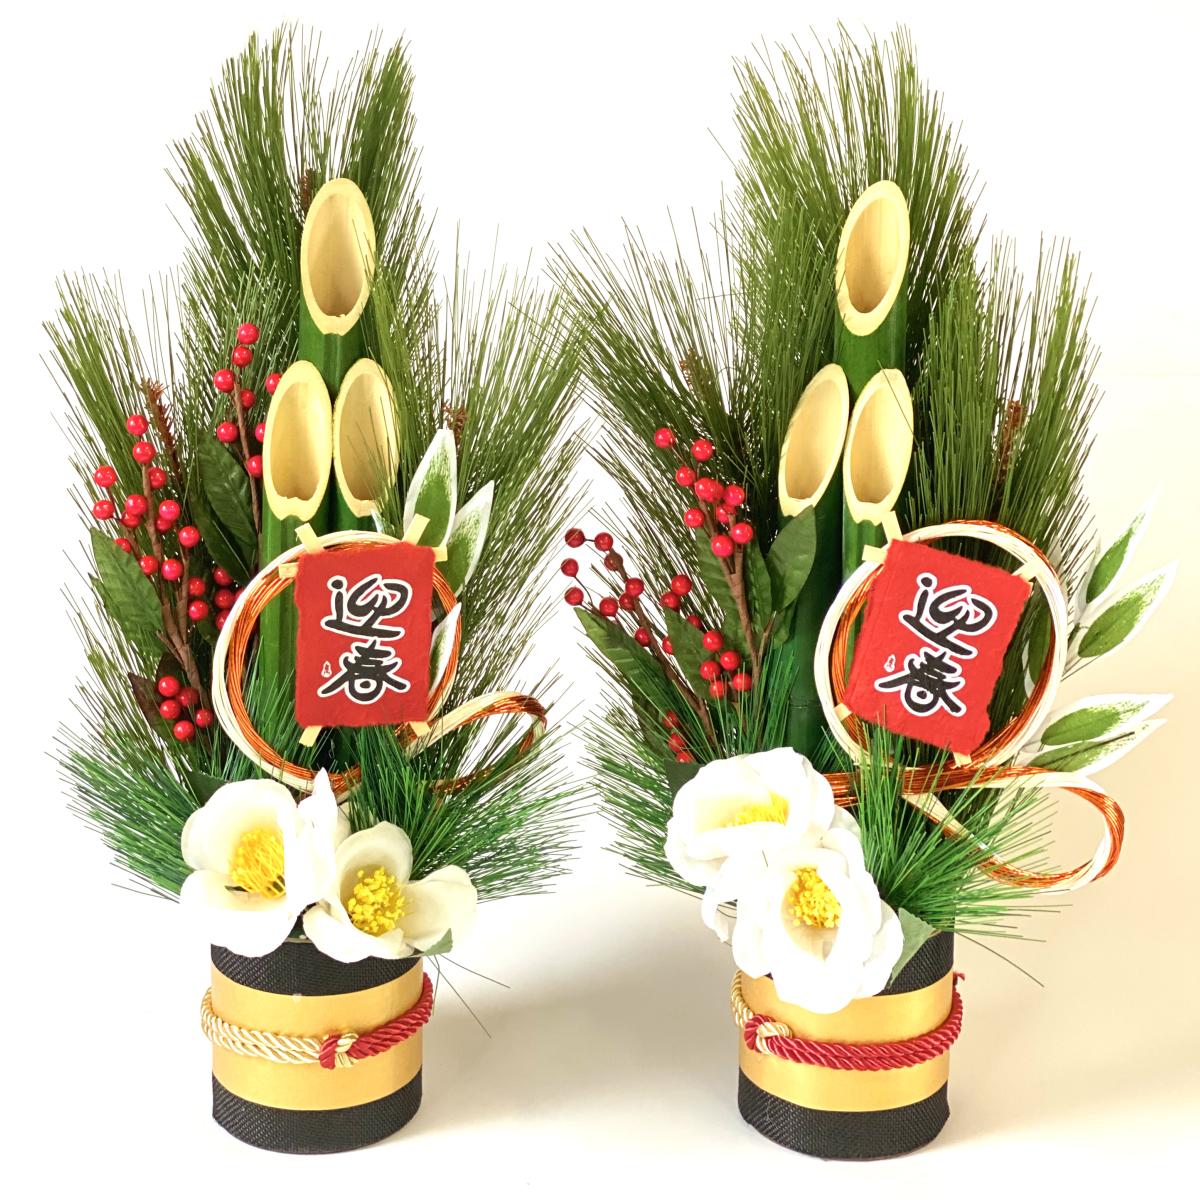 【送料無料】 門松 モダン 40cm 一対 2本組 扇 自宅用 会社 オフィス しめ飾り 玄関飾り 正月飾り